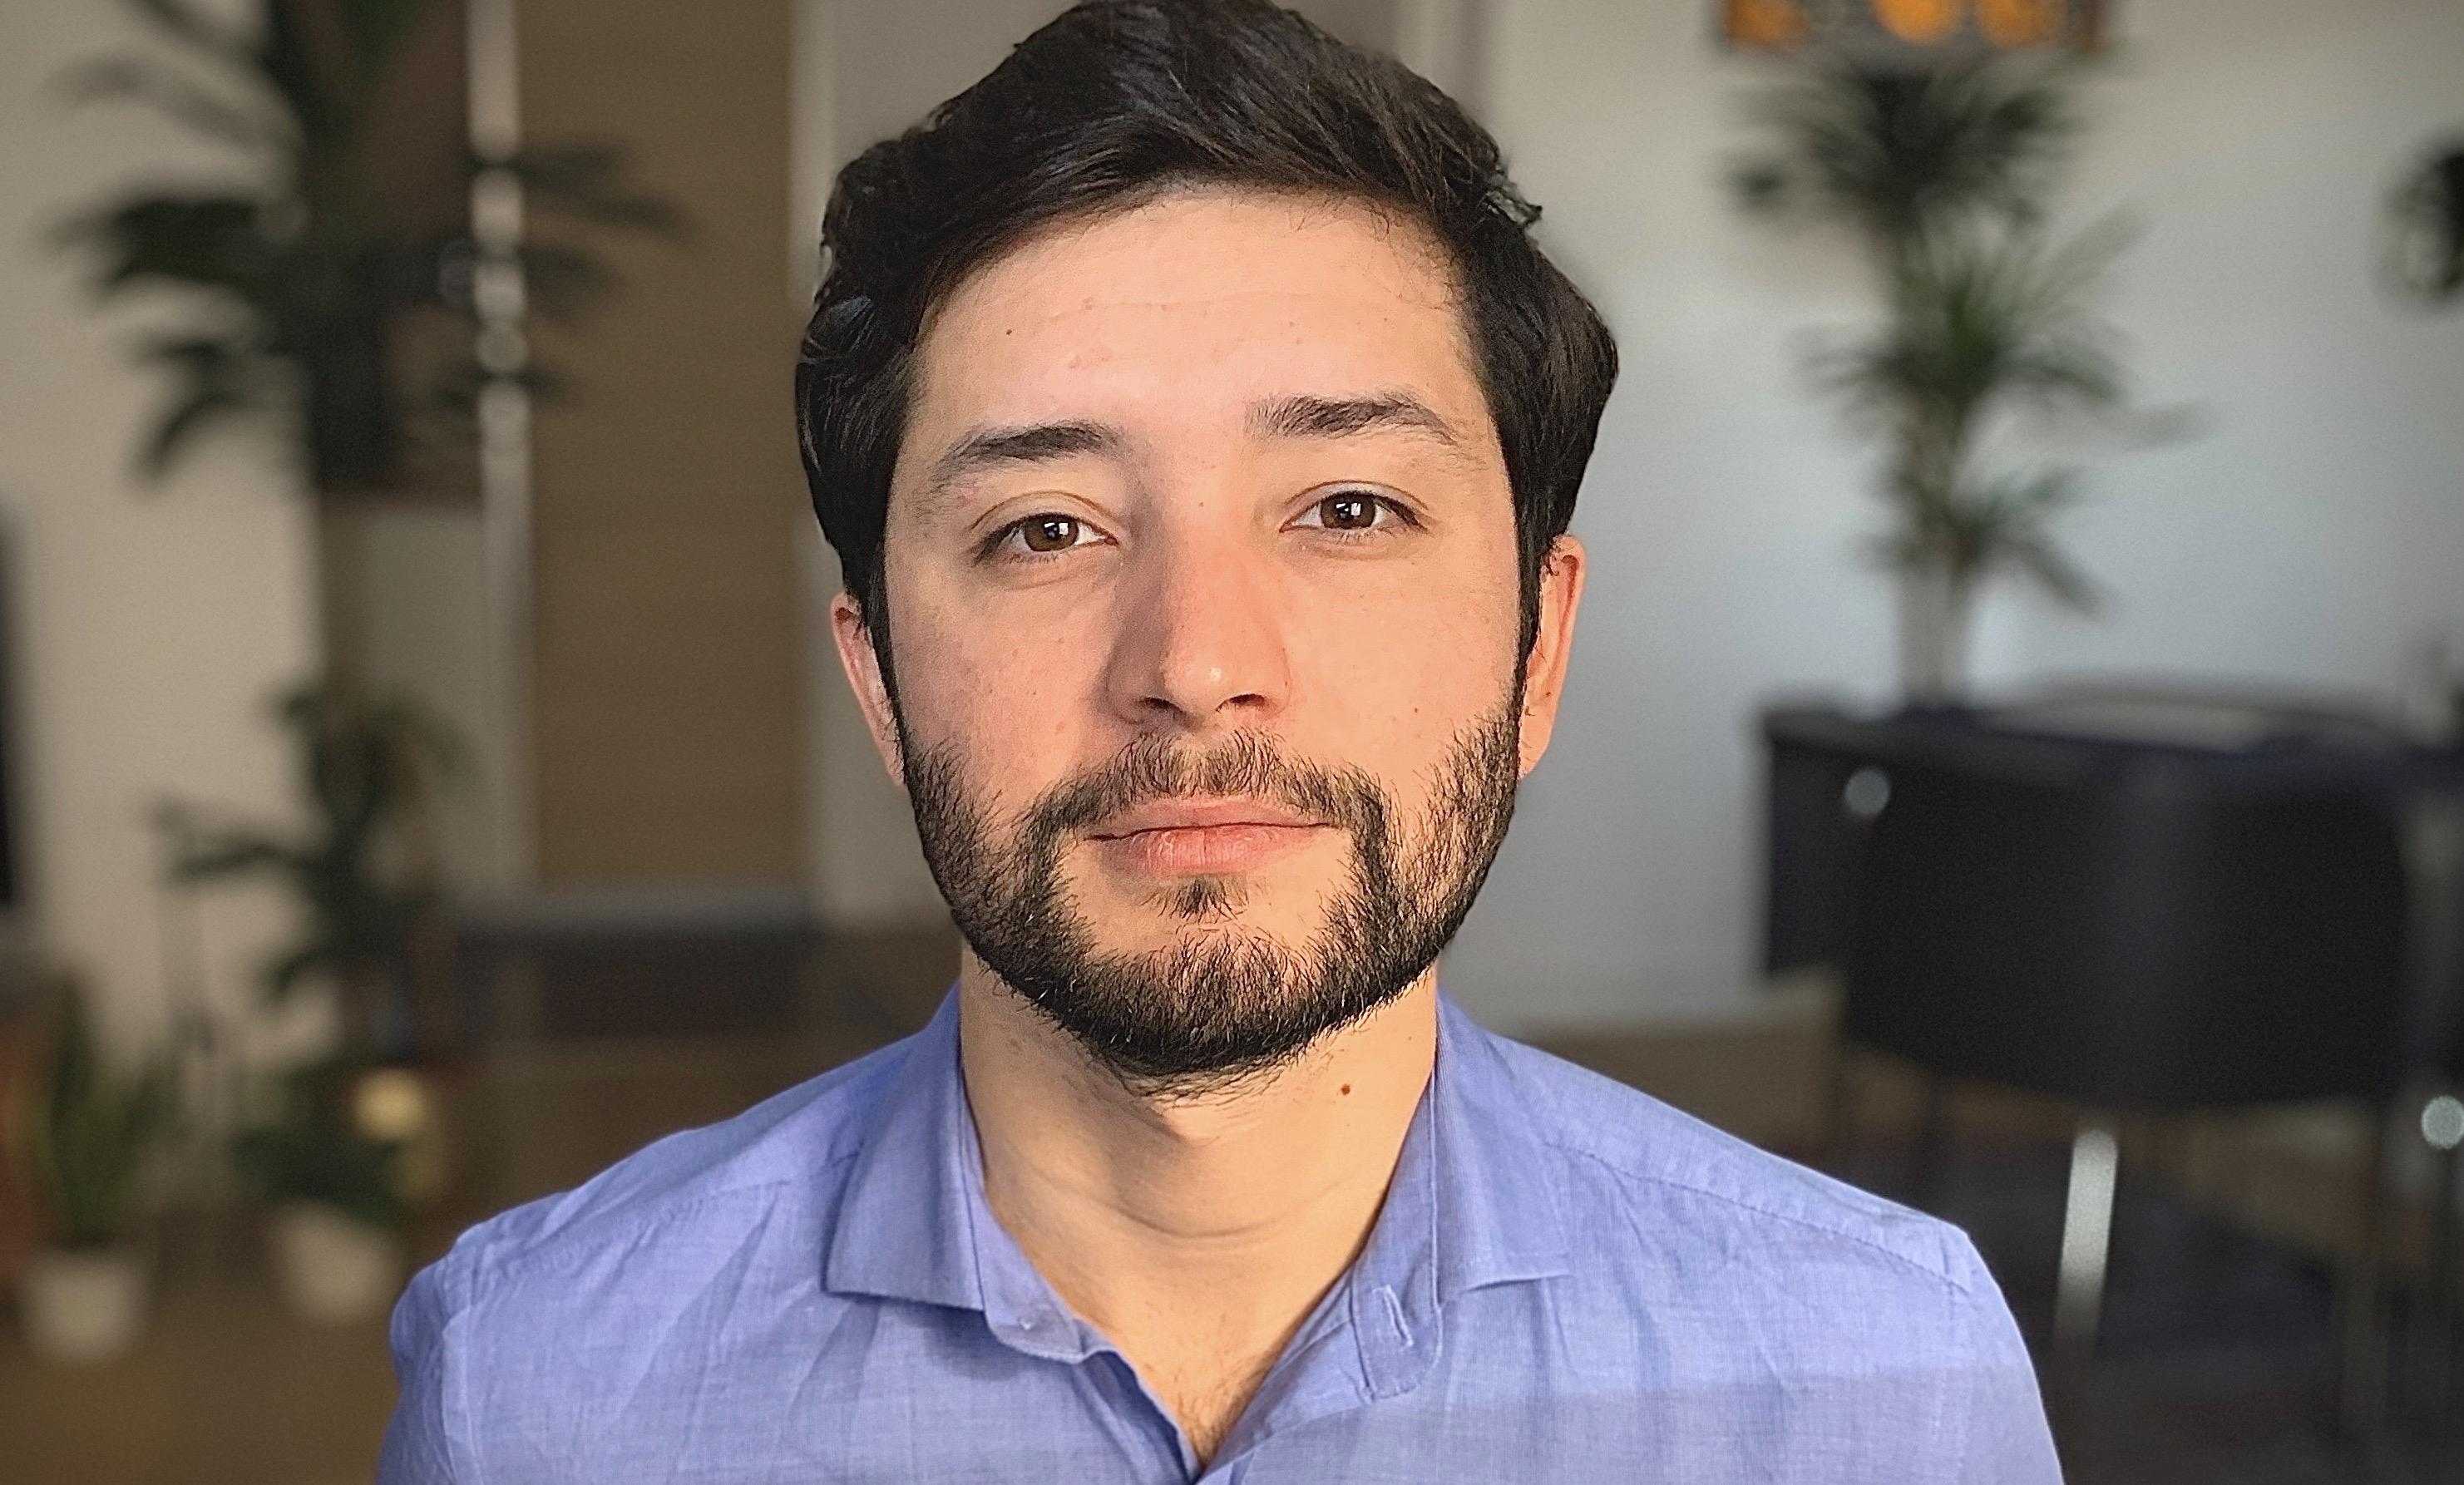 Mateo Dugand, 30 Under 30, 2020